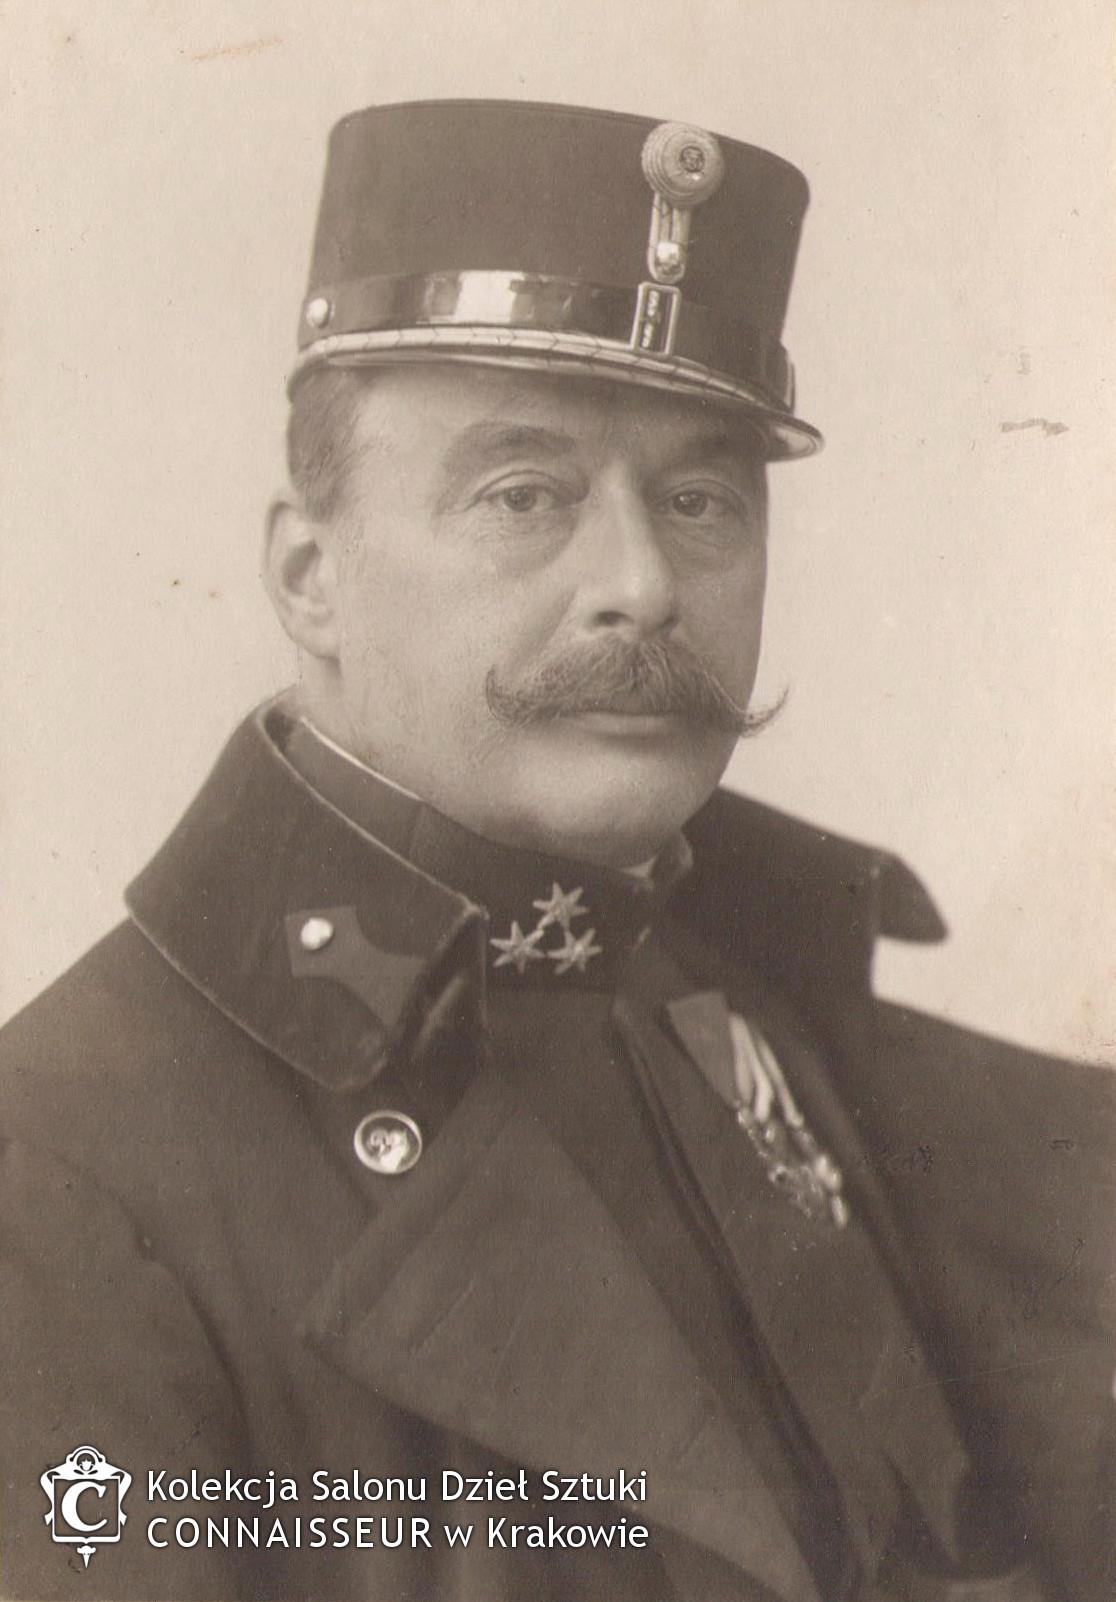 Portret fotograficzny Wojciecha Kossaka, źródło: Salon Dzieł Sztuki Connaisseur